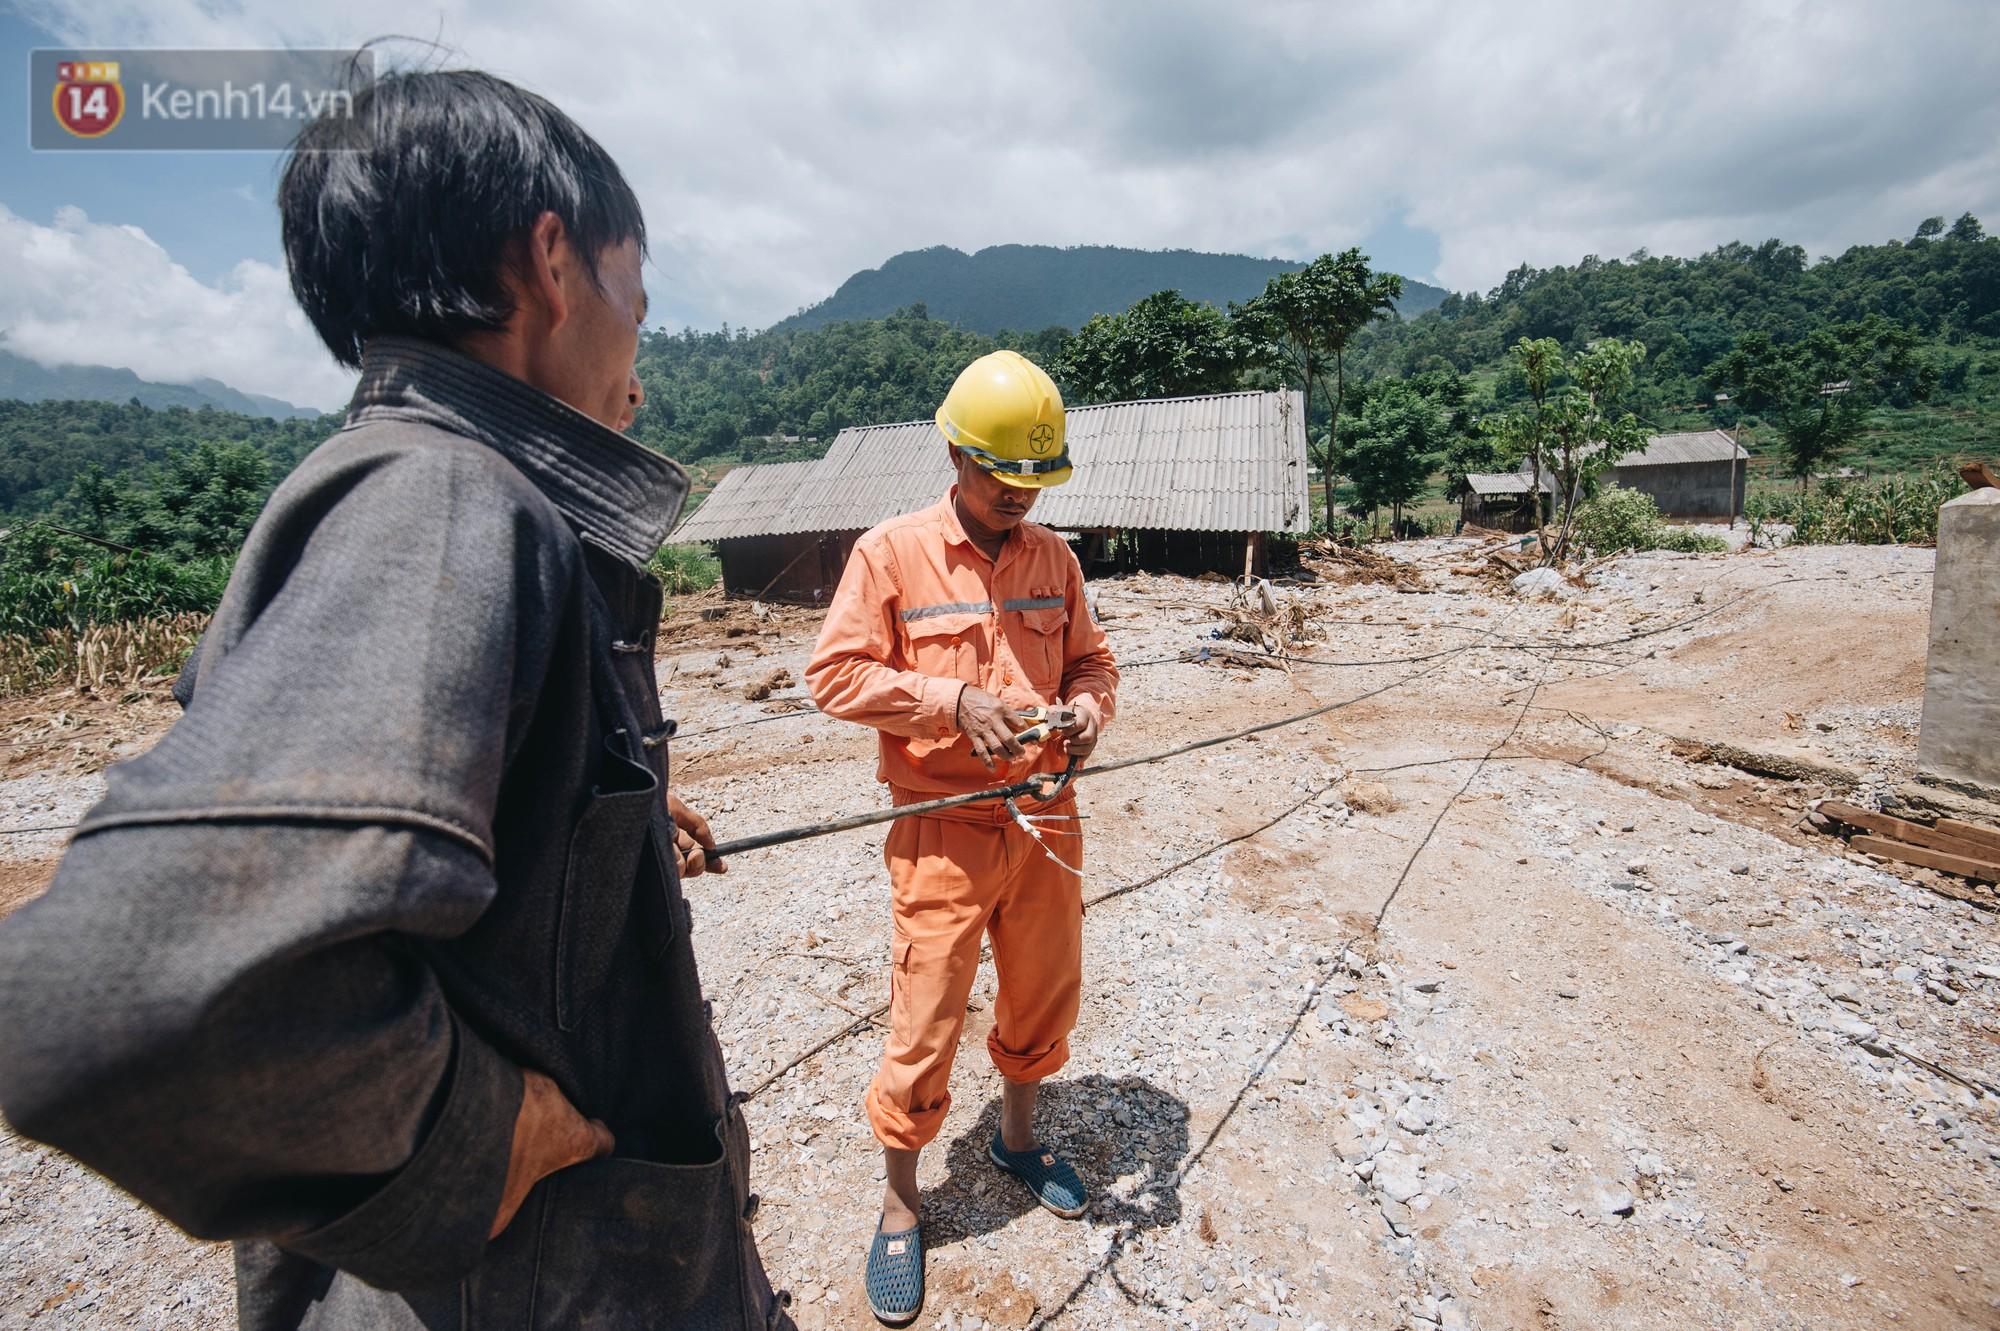 Trận lũ đau thương ở Hà Giang trong vòng 10 năm qua: 'Giờ đâu còn nhà nữa, mất hết, lũ cuốn trôi hết rồi...' 12